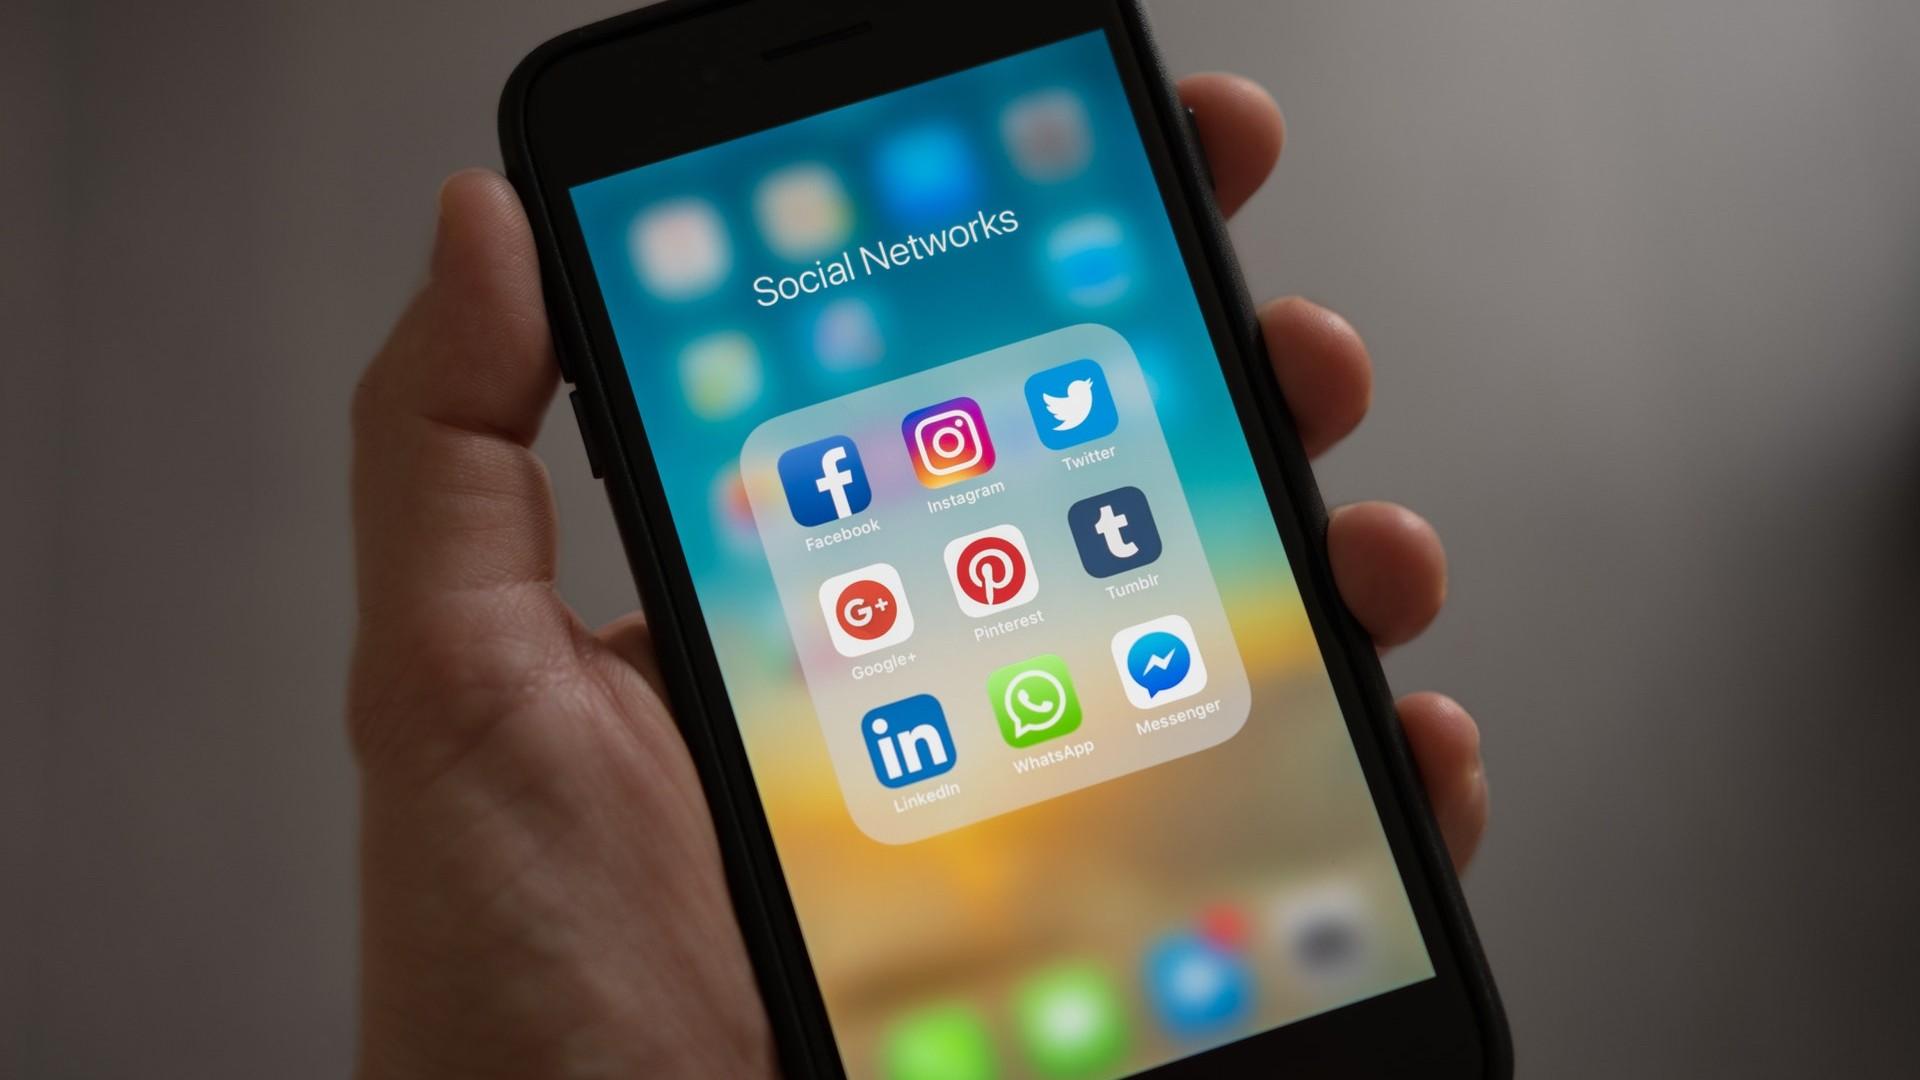 互联网社交媒体logo设计原则演变分析,我们能从中学到什么?